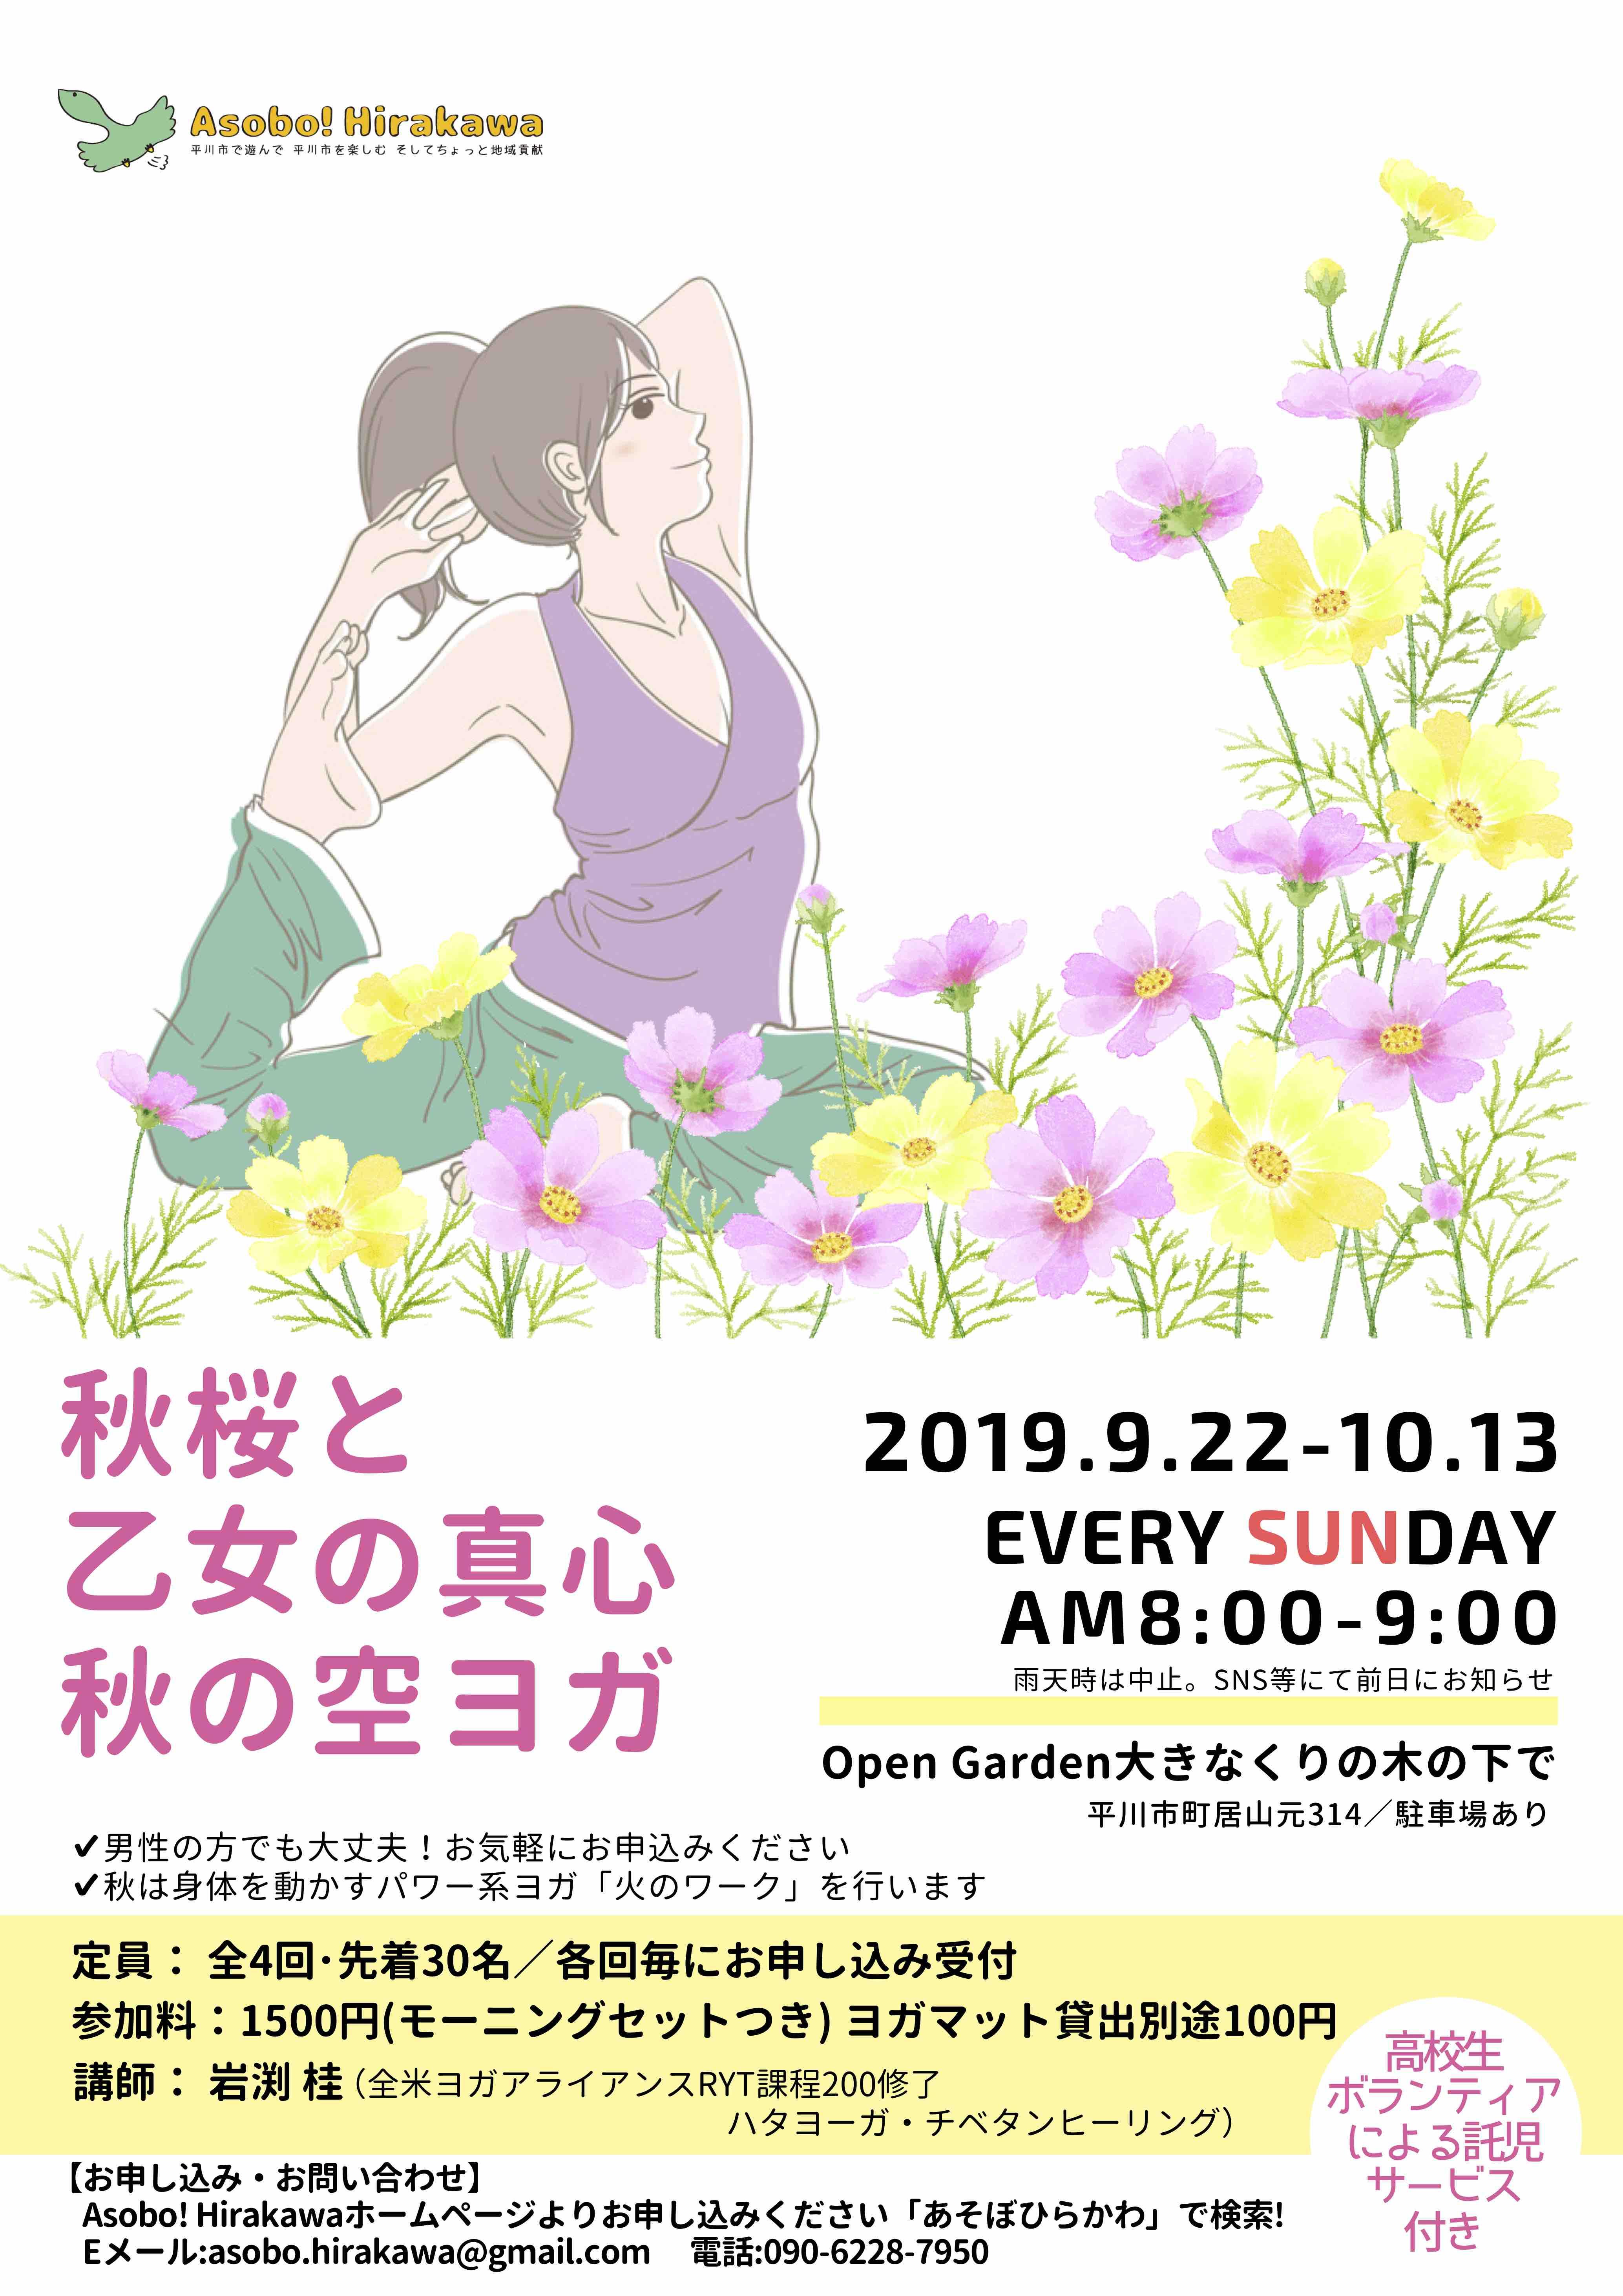 秋桜と乙女の真心 秋の空ヨガのコピー